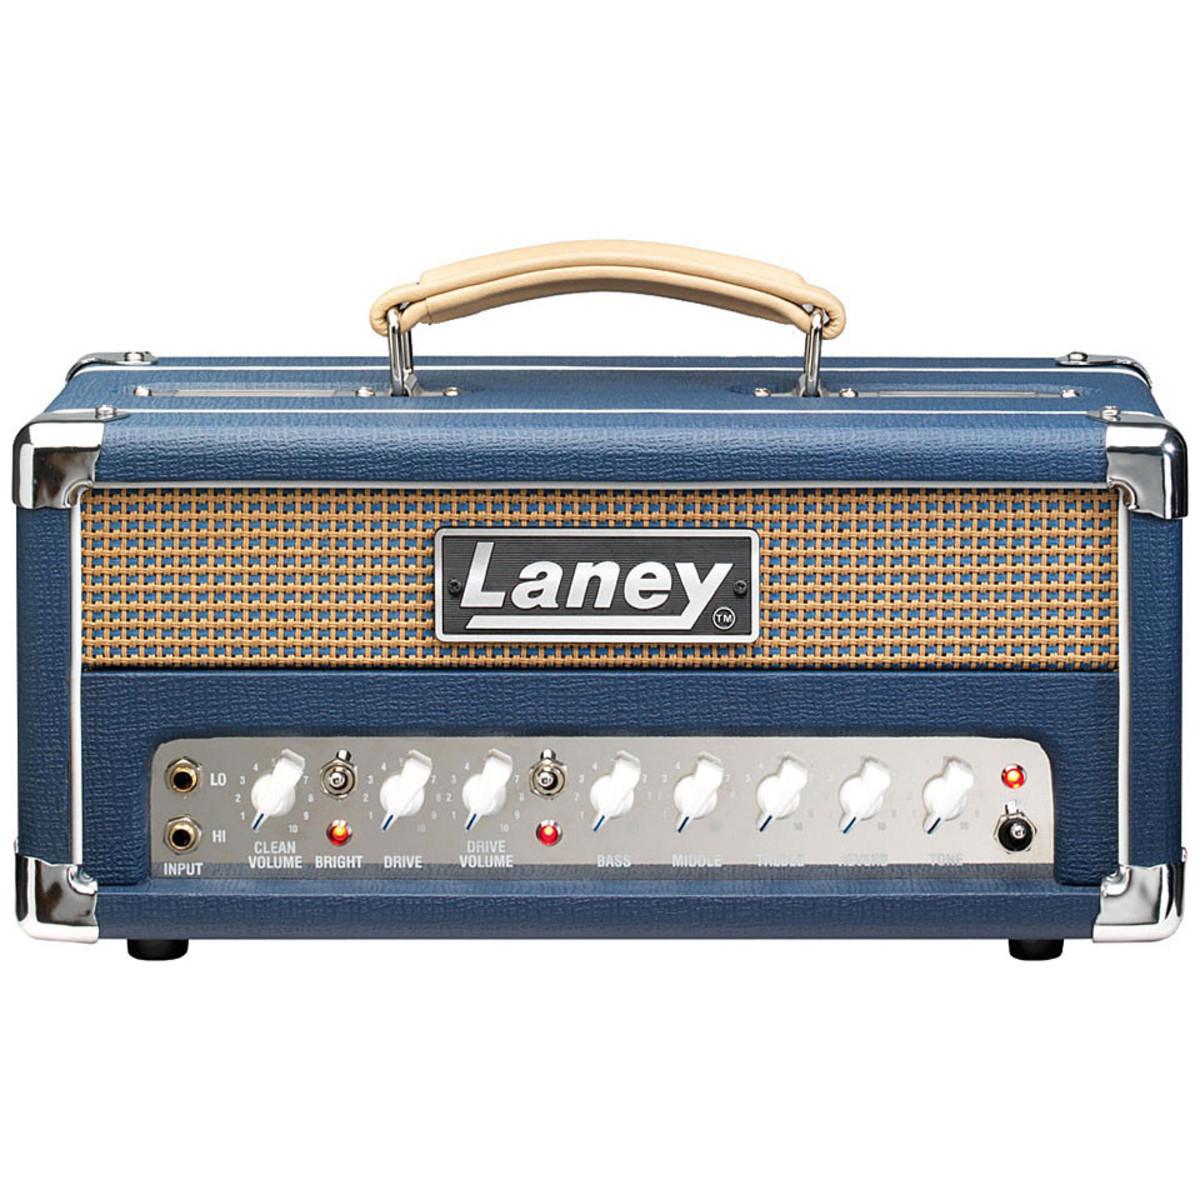 Billede af Laney L5-Studio guitarforstærker-top